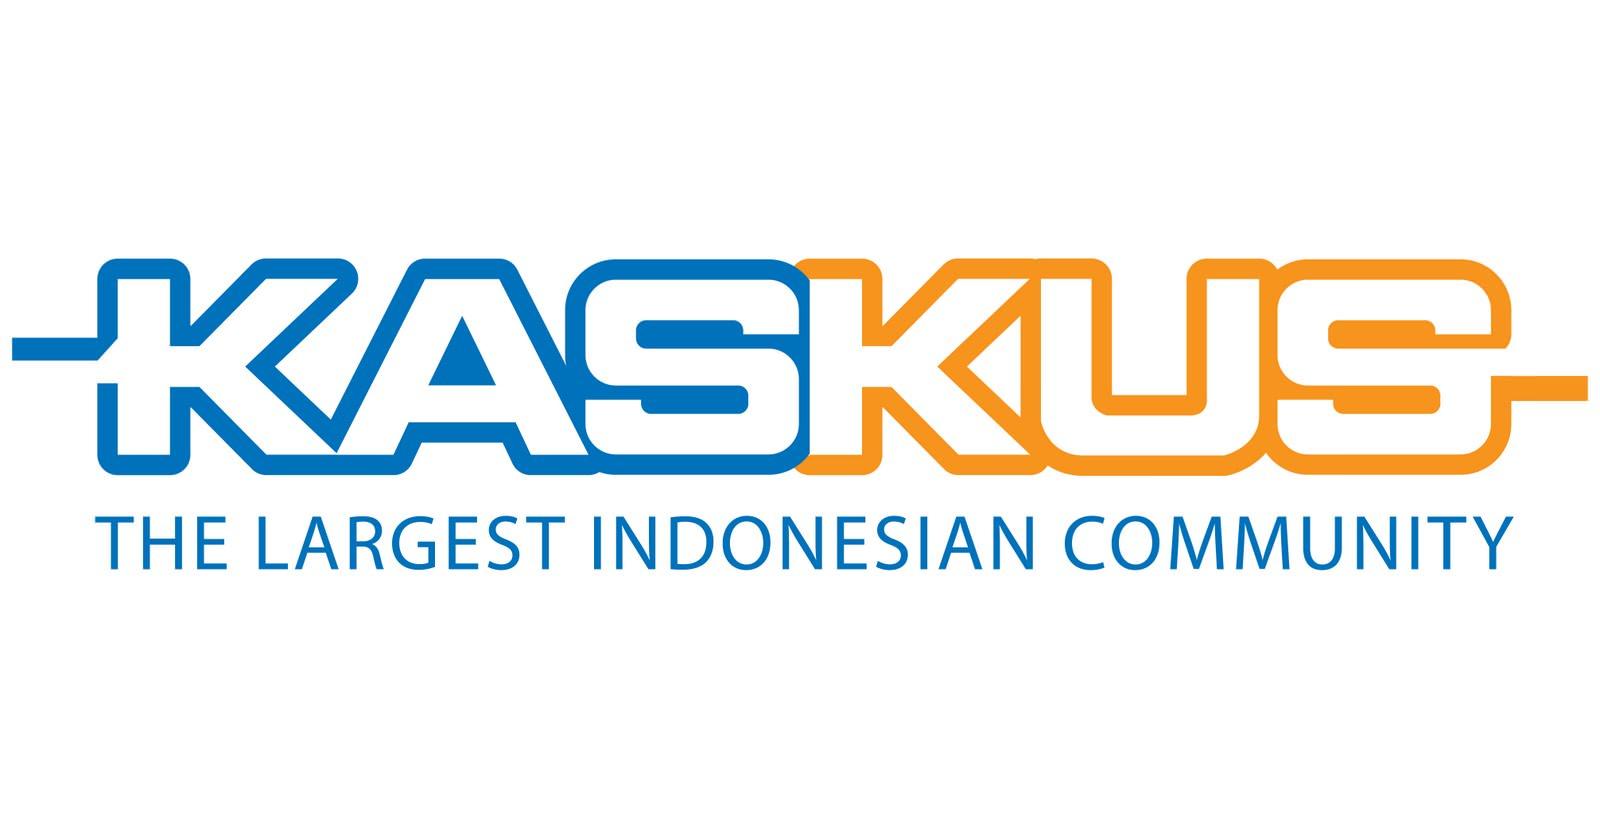 It Kaskus